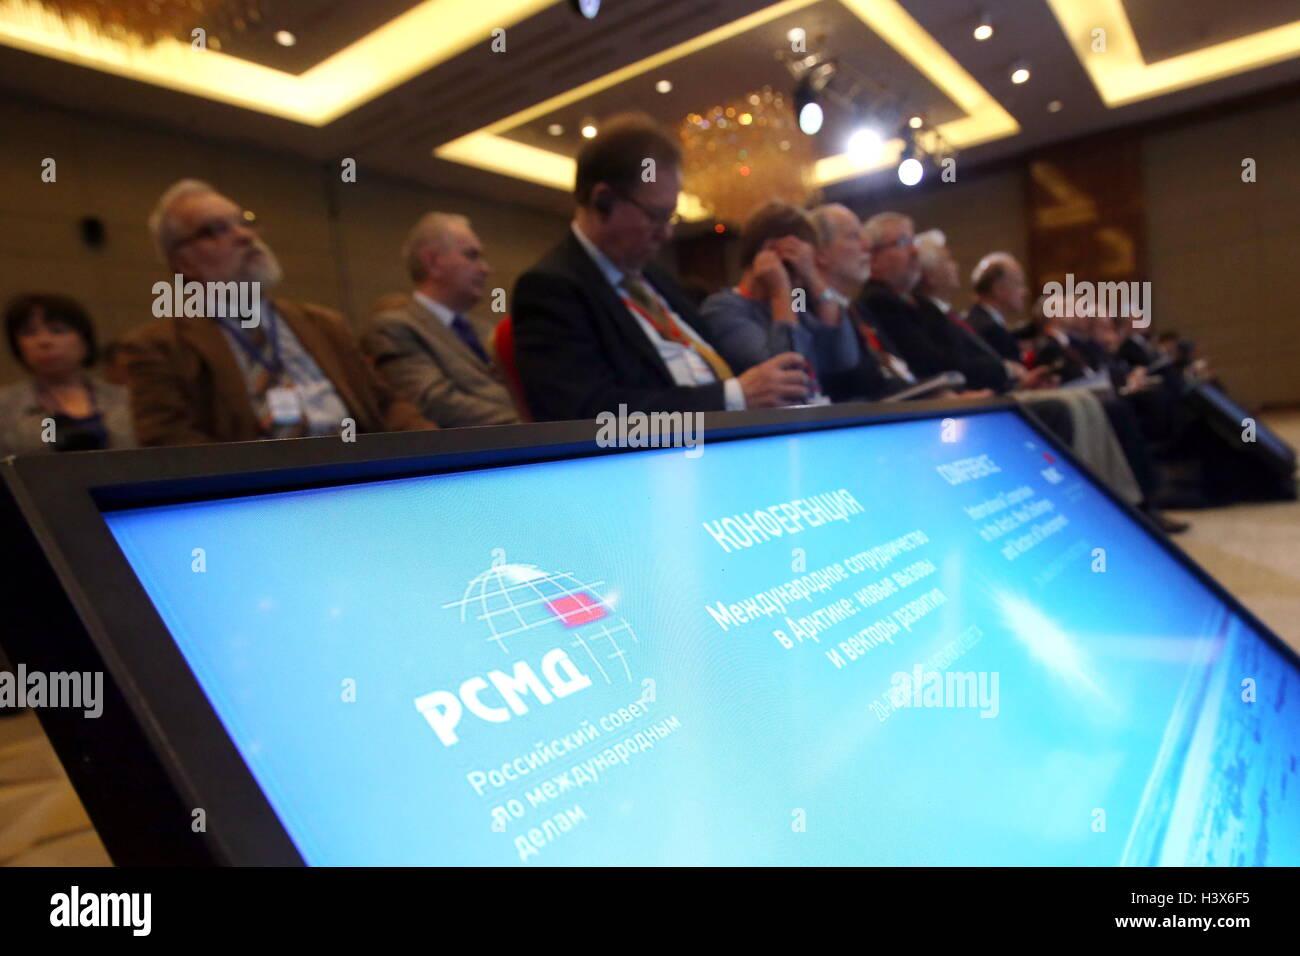 Moscú, Rusia. 13 Oct, 2016. El Consejo de Asuntos Internacionales de Rusia organiza una conferencia titulada Imagen De Stock